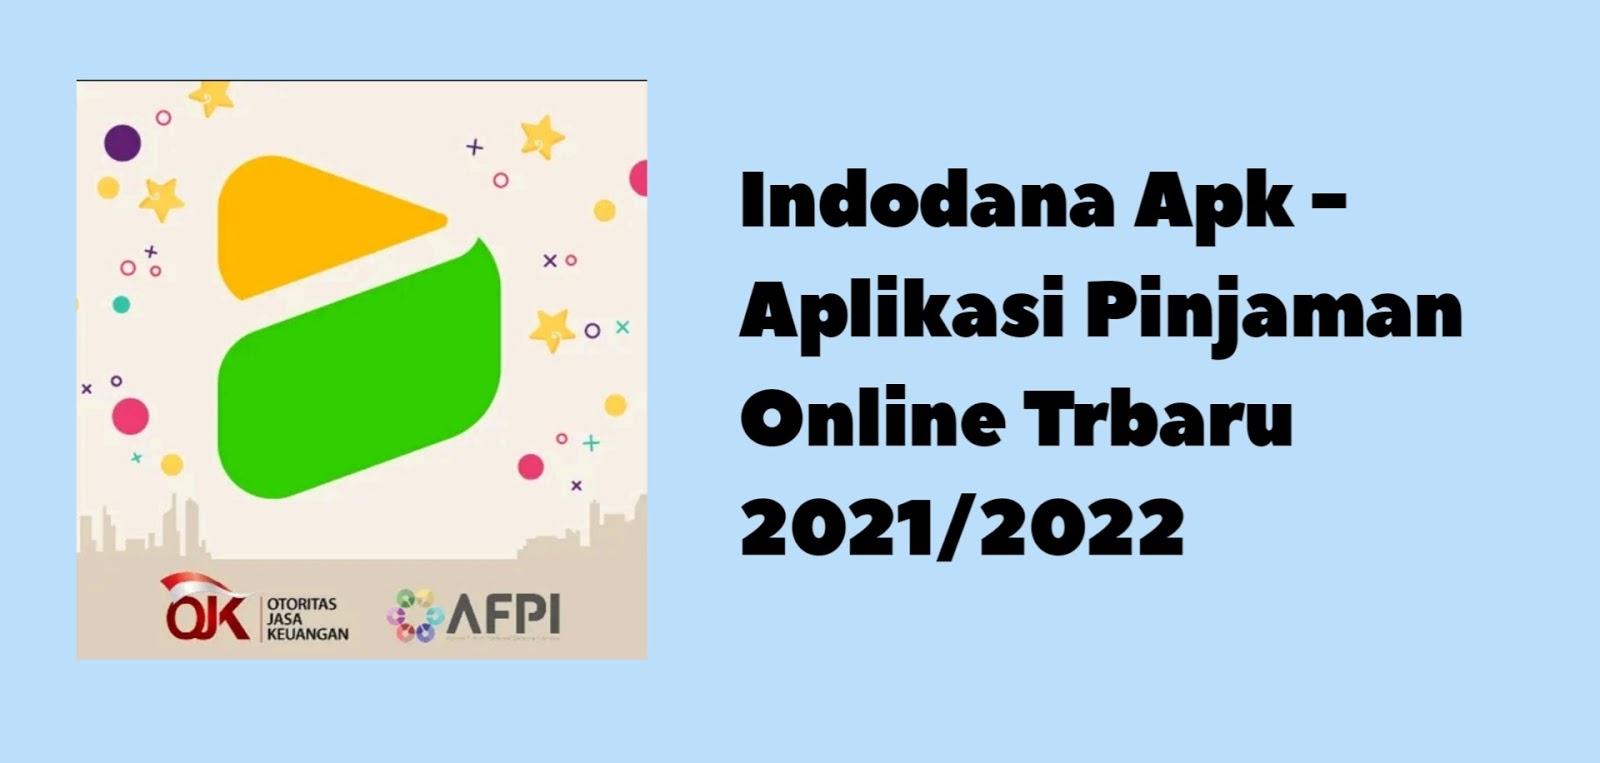 Indodana Apk - Aplikasi Pinjaman Online Trbaru 2021/2022